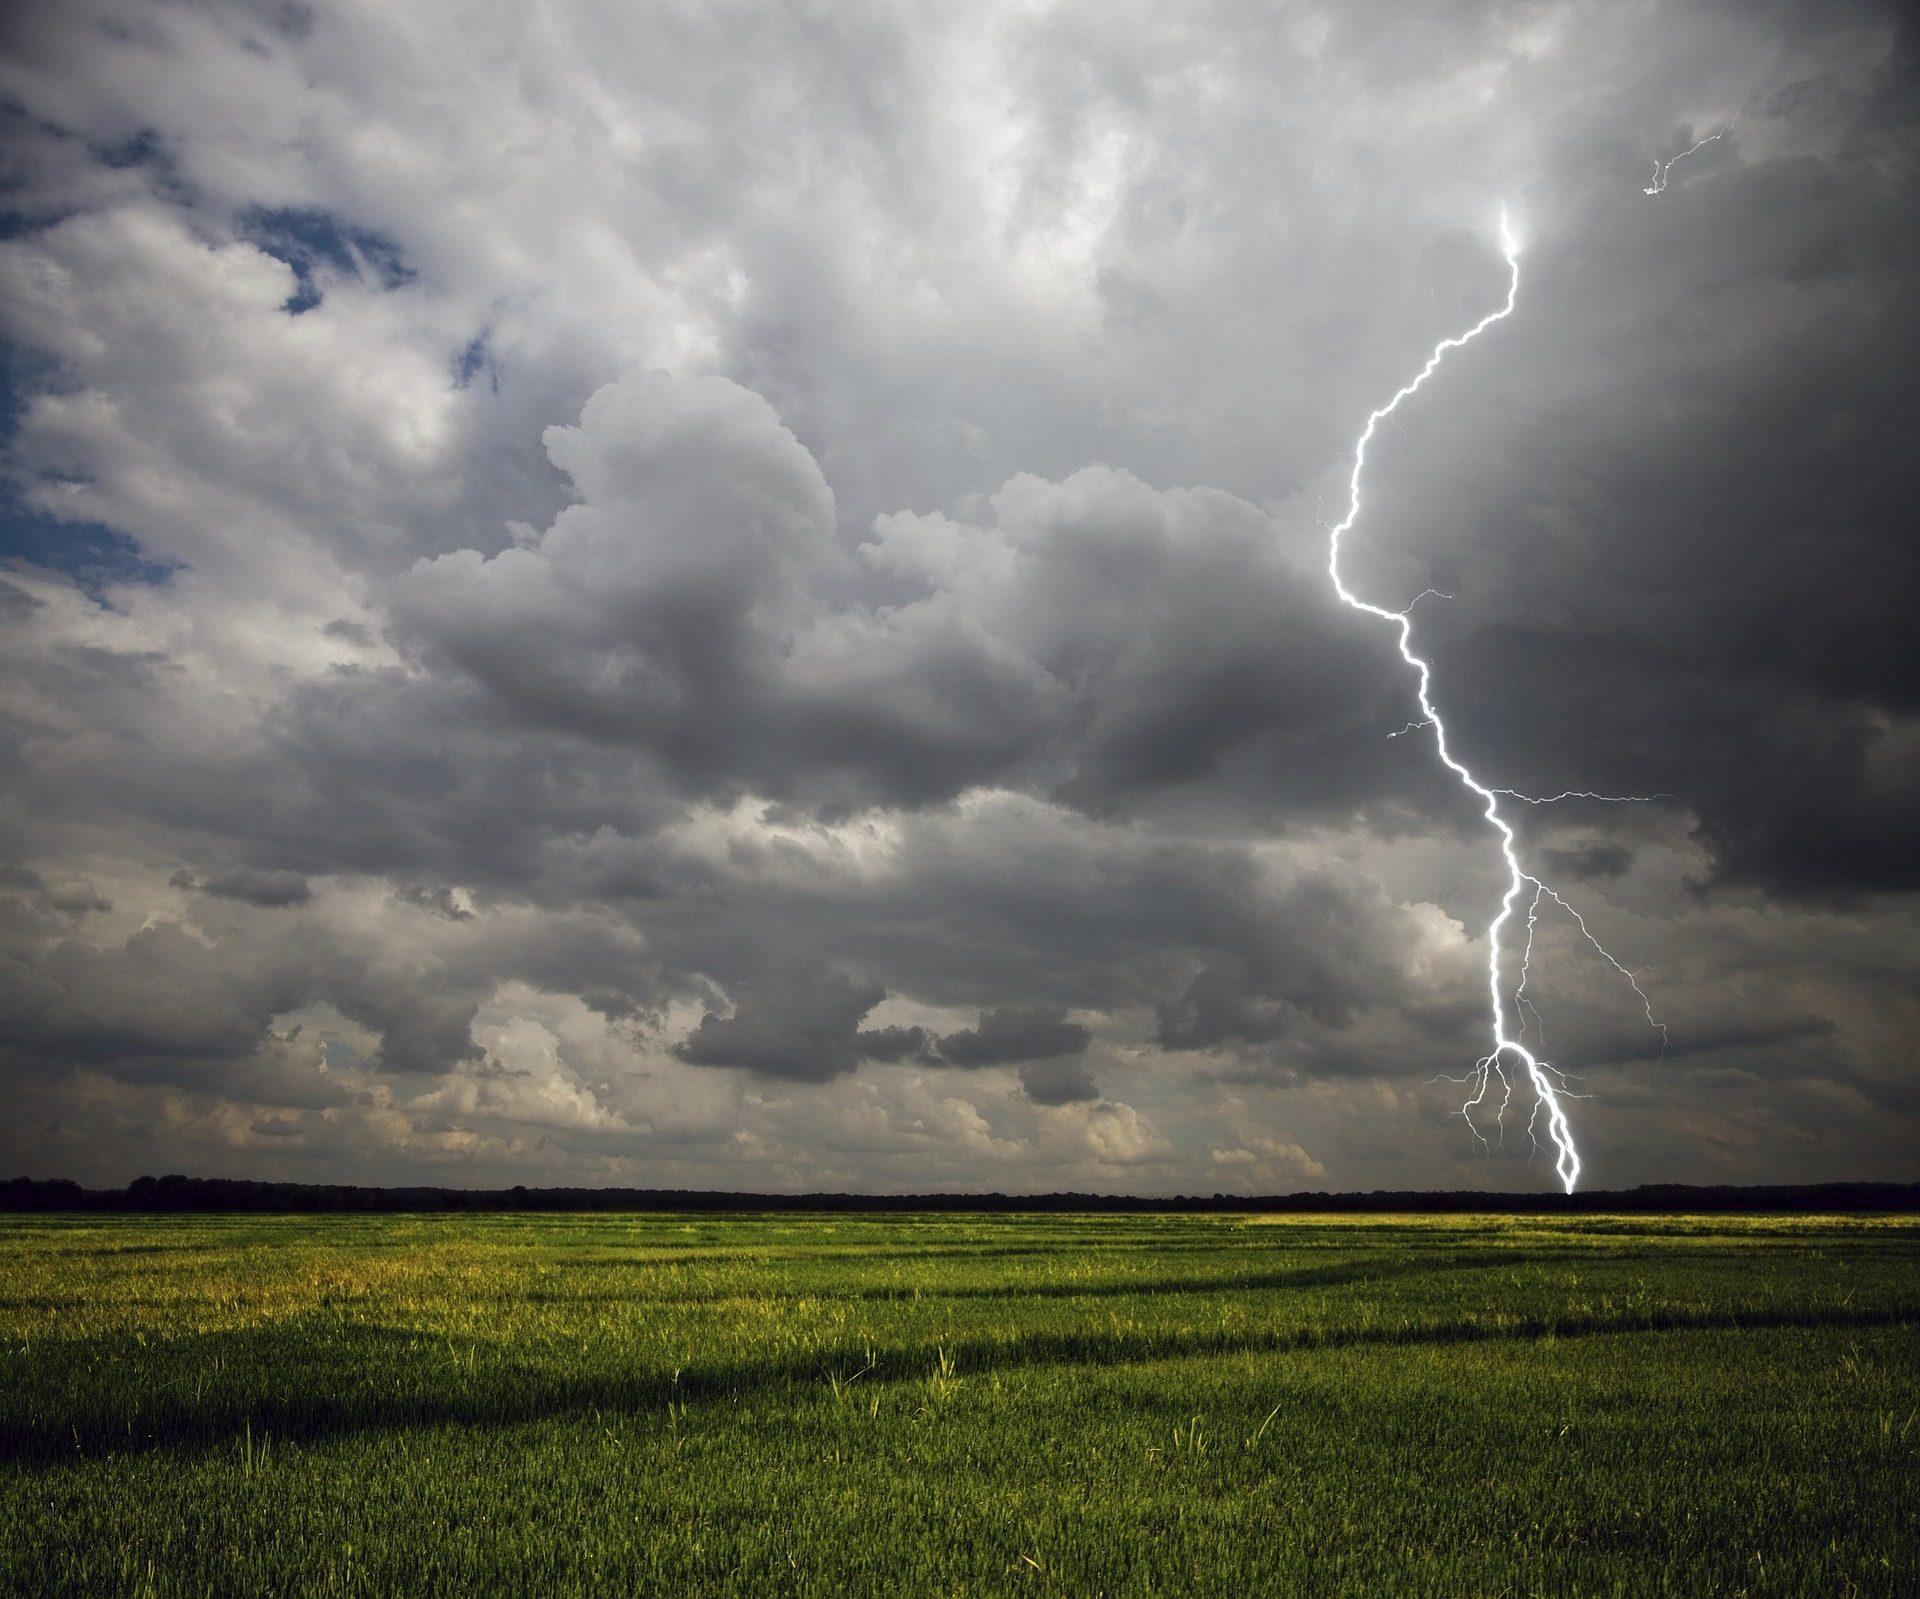 PRADO, sem formatação, campo, Ray, Tempestade, nuvens - Papéis de parede HD - Professor-falken.com